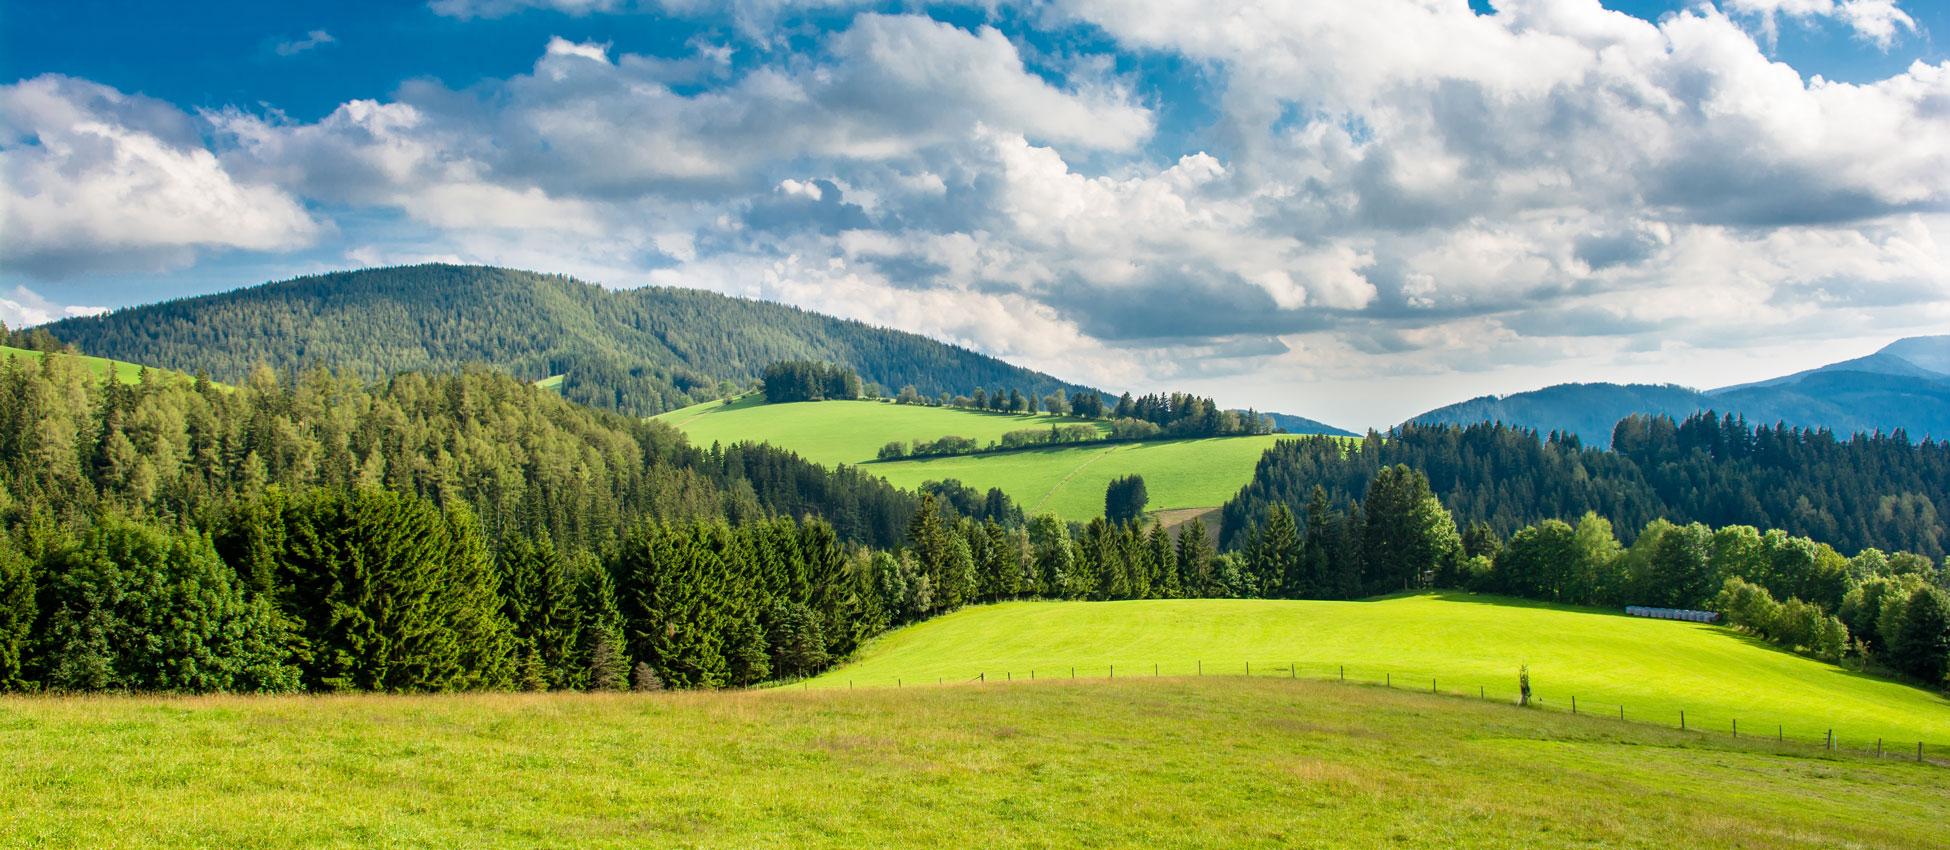 Jagd Österreich, Kompetenzen - Lebensraum